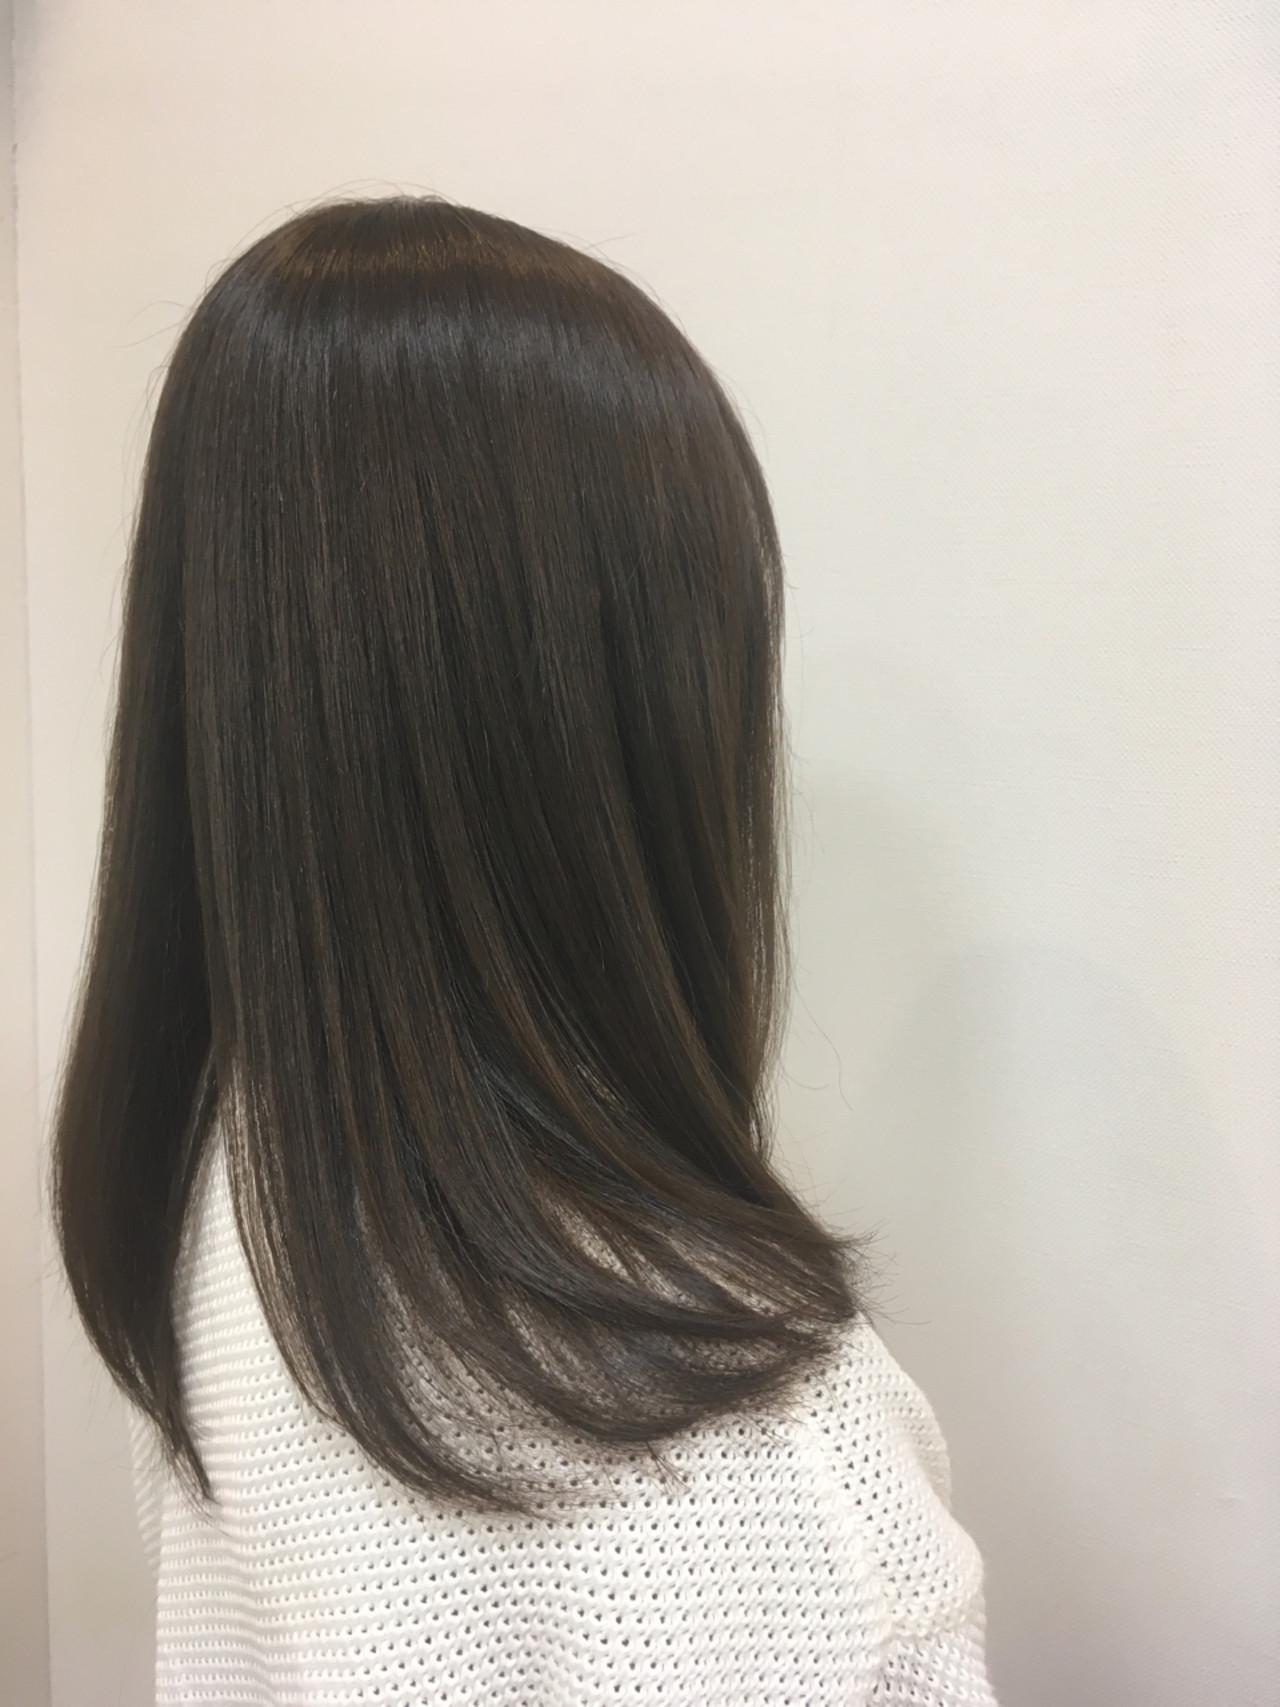 イルミナカラー ナチュラル グレーアッシュ アッシュグレー ヘアスタイルや髪型の写真・画像